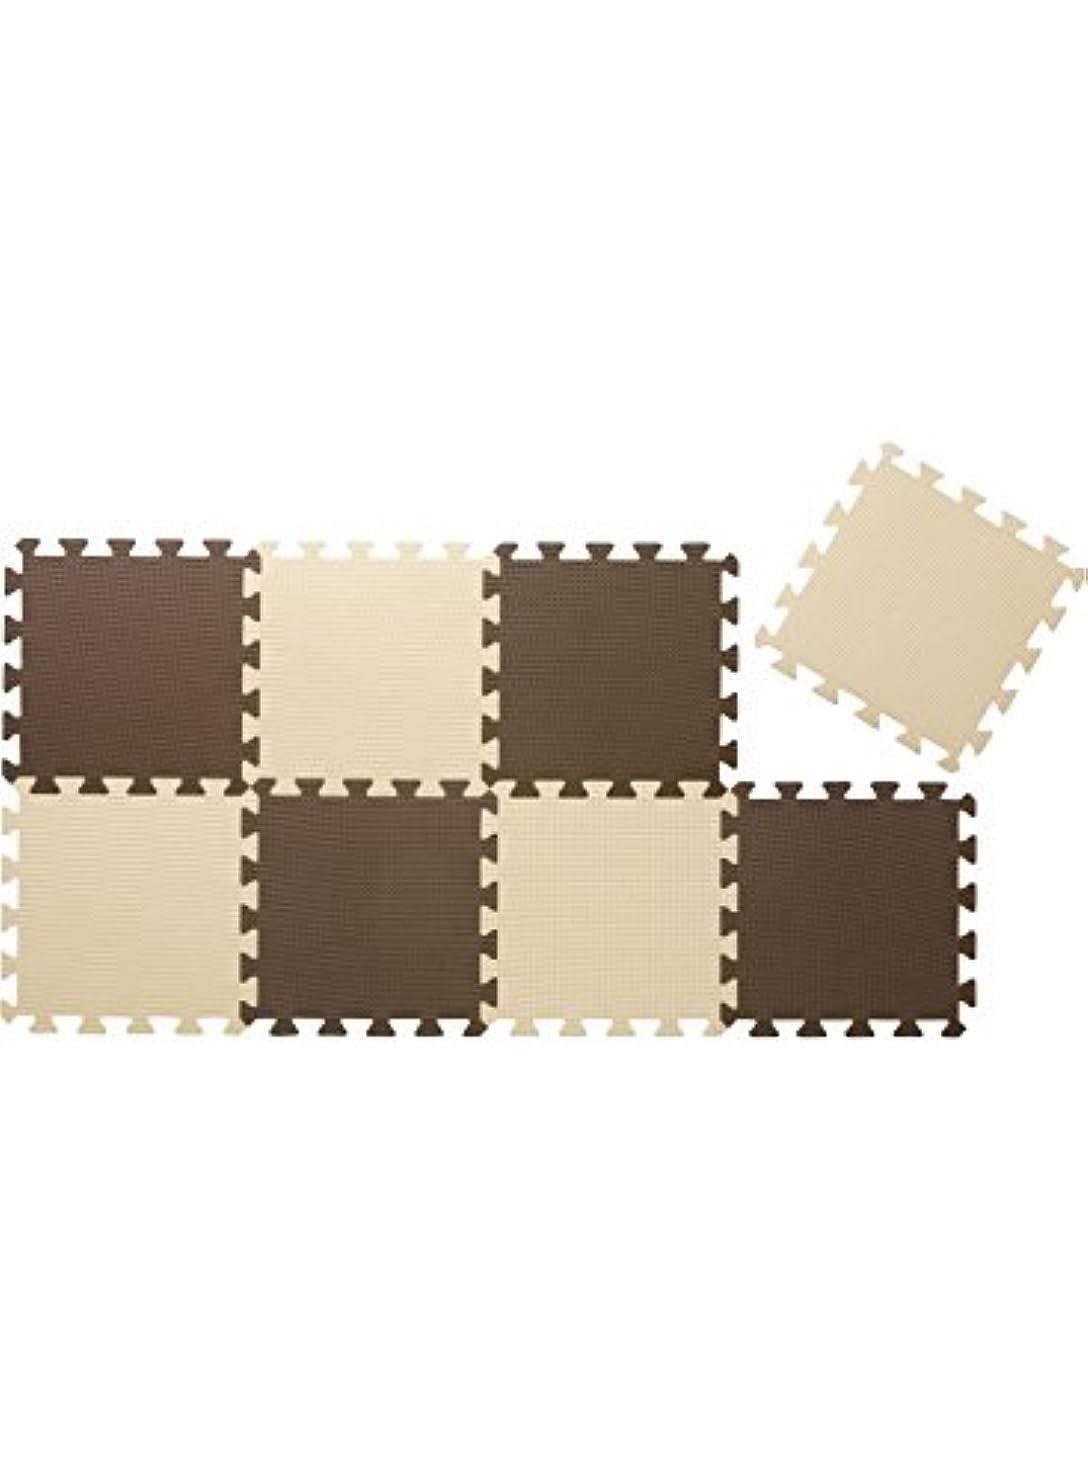 思想マインドフル迷信CBジャパン ジョイントマット 厚め 12mm 8枚組 カラーマット チョコレート